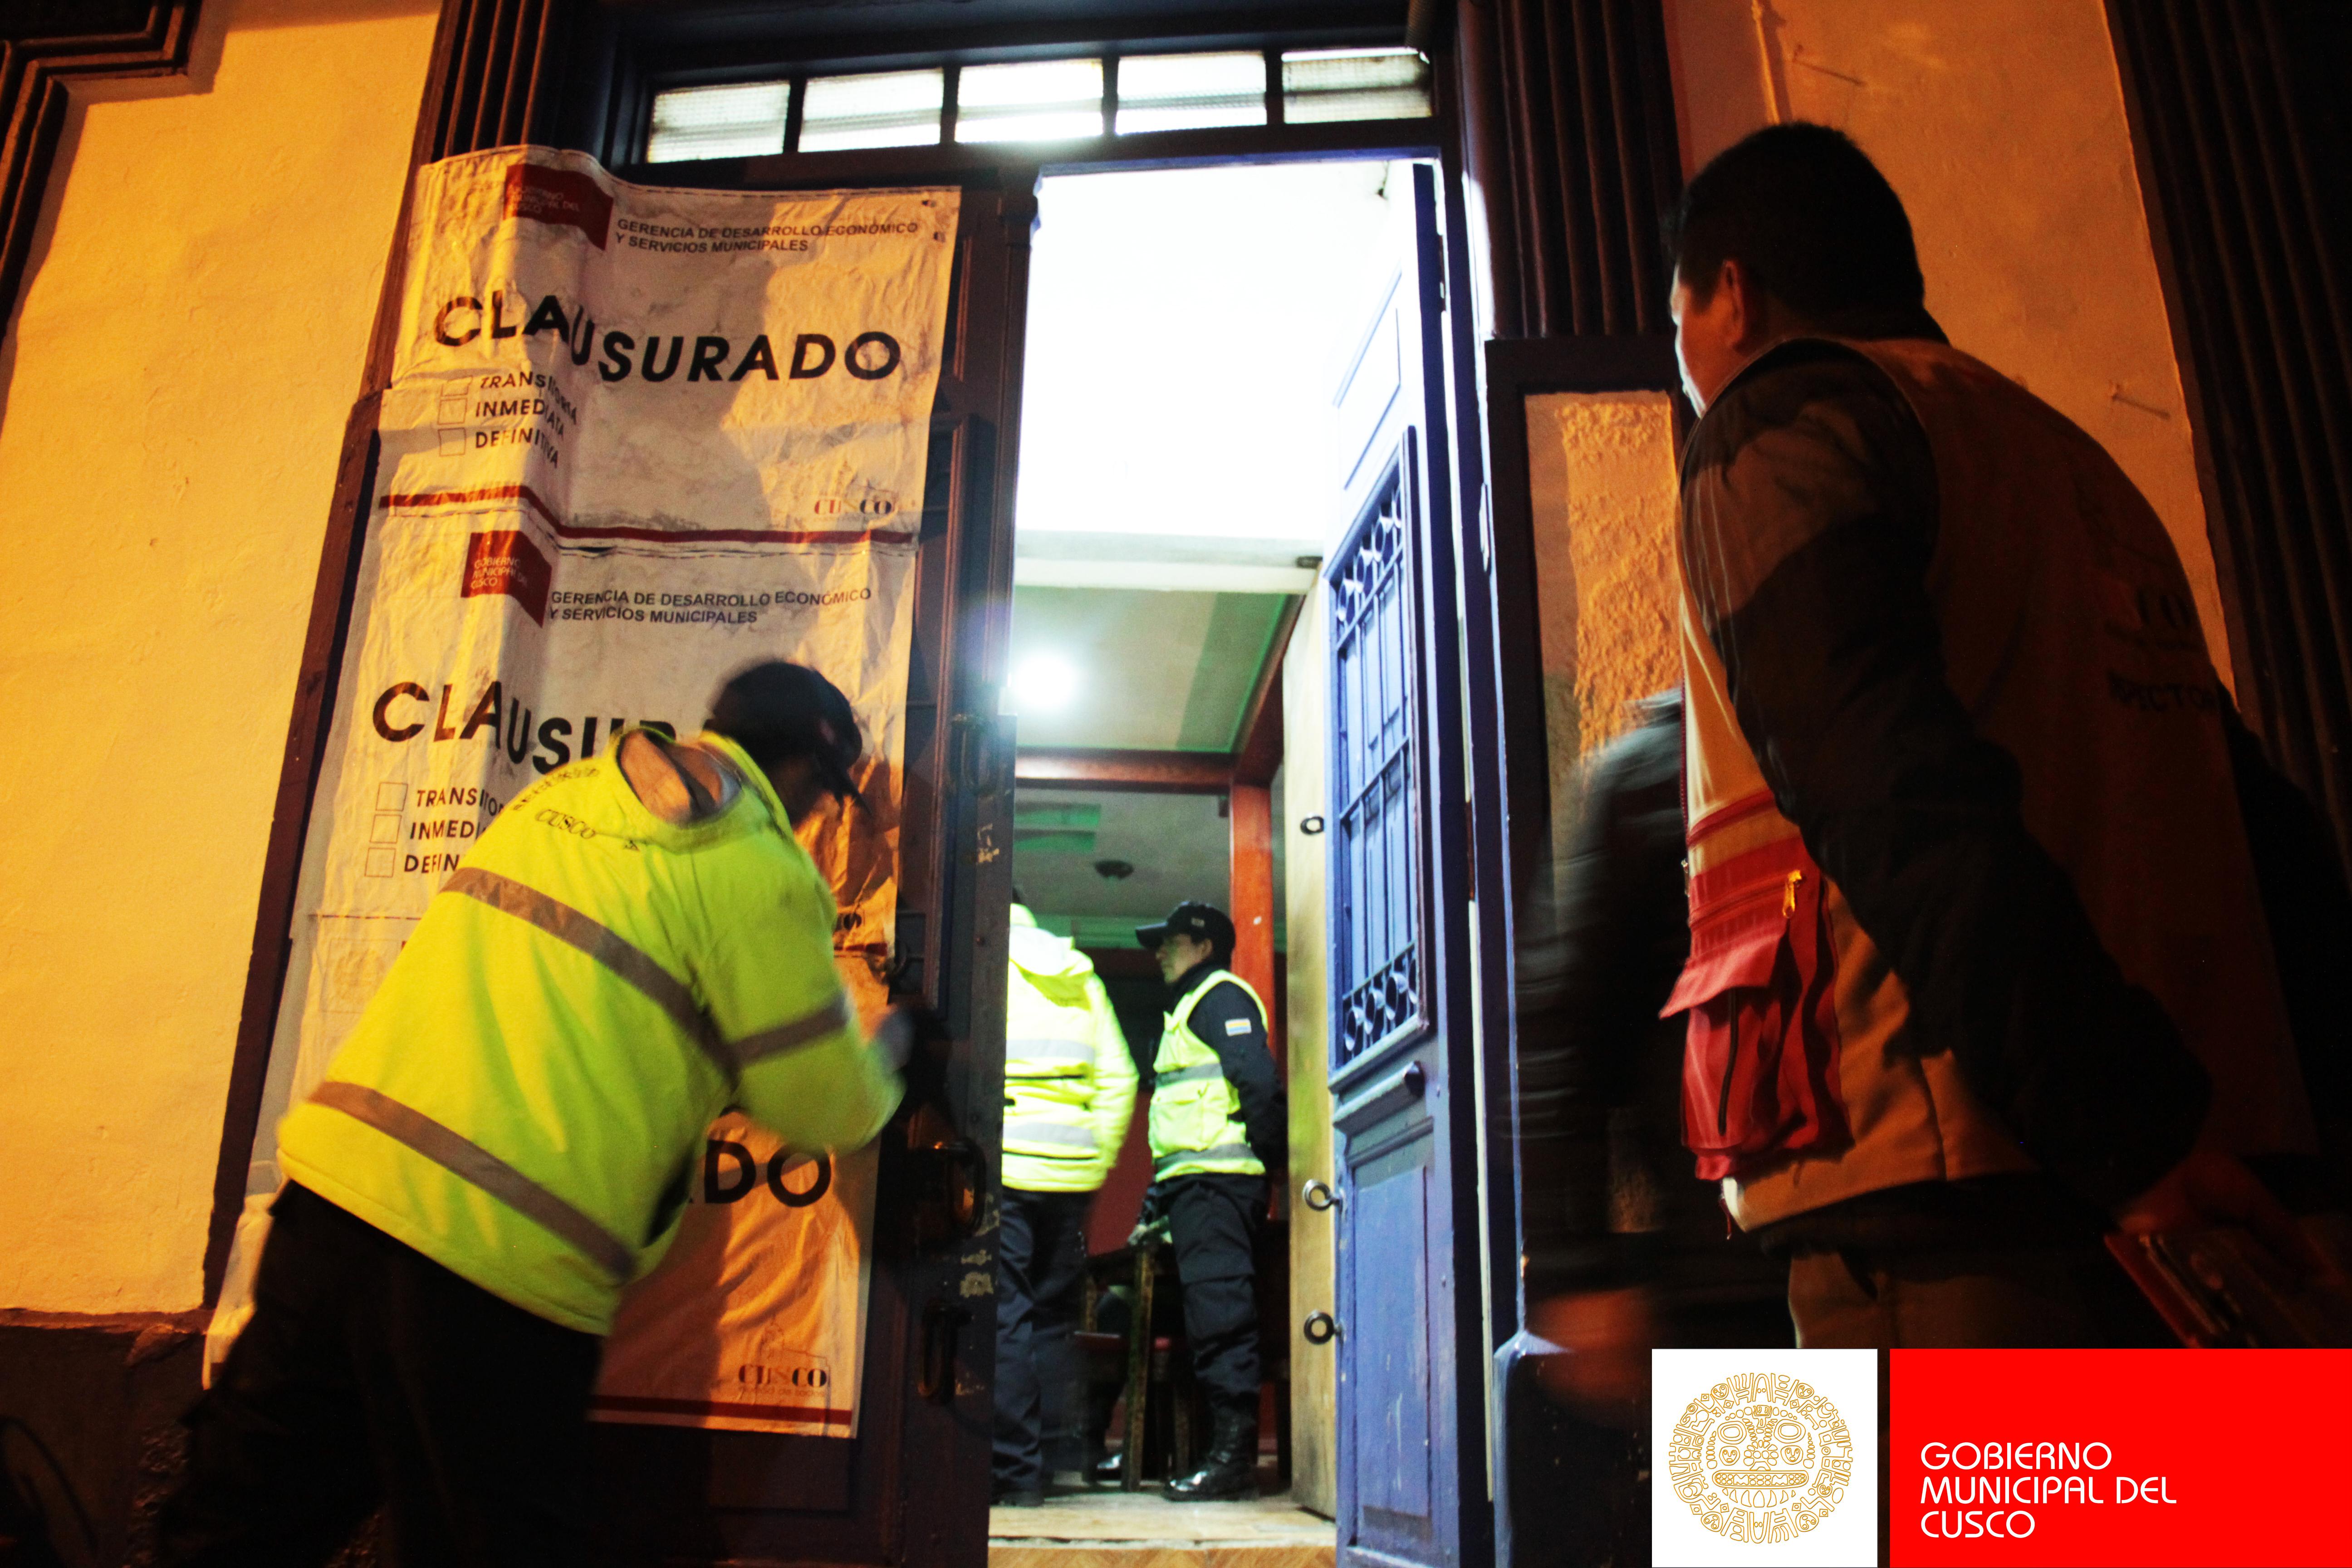 """CLAUSURA DE  DISCOTECA  """"EL VIRREY"""" EN EL  CENTRO  HISTÓRICO DEL CUSCO"""